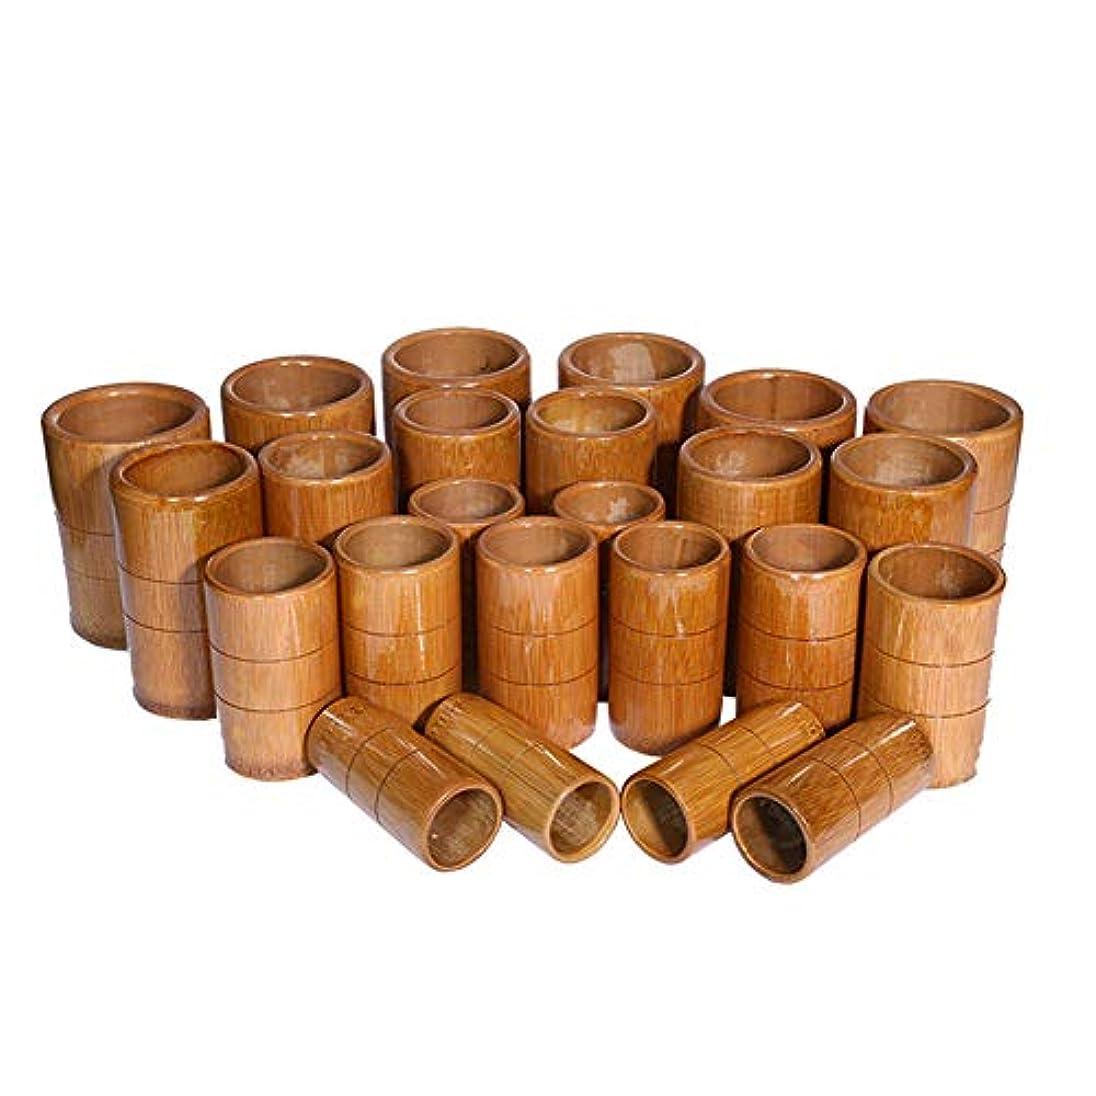 十代の若者たち解釈頂点マッサージバキュームカップキット - カッピング竹療法セット - 炭缶鍼治療ボディ医療吸引セット,A10pcs